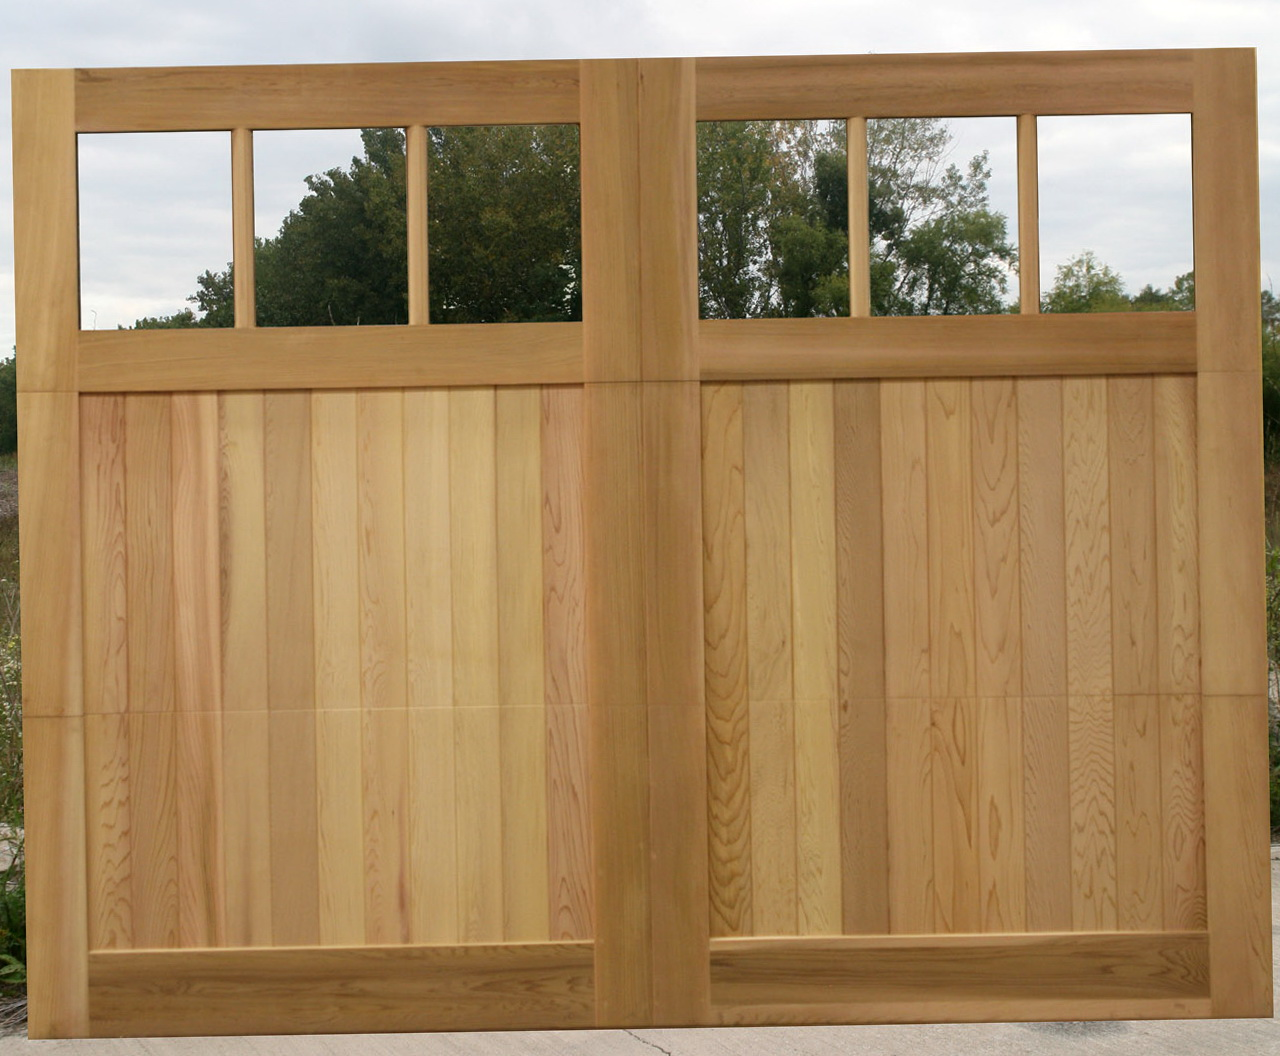 Wood Overhead Garage Doors